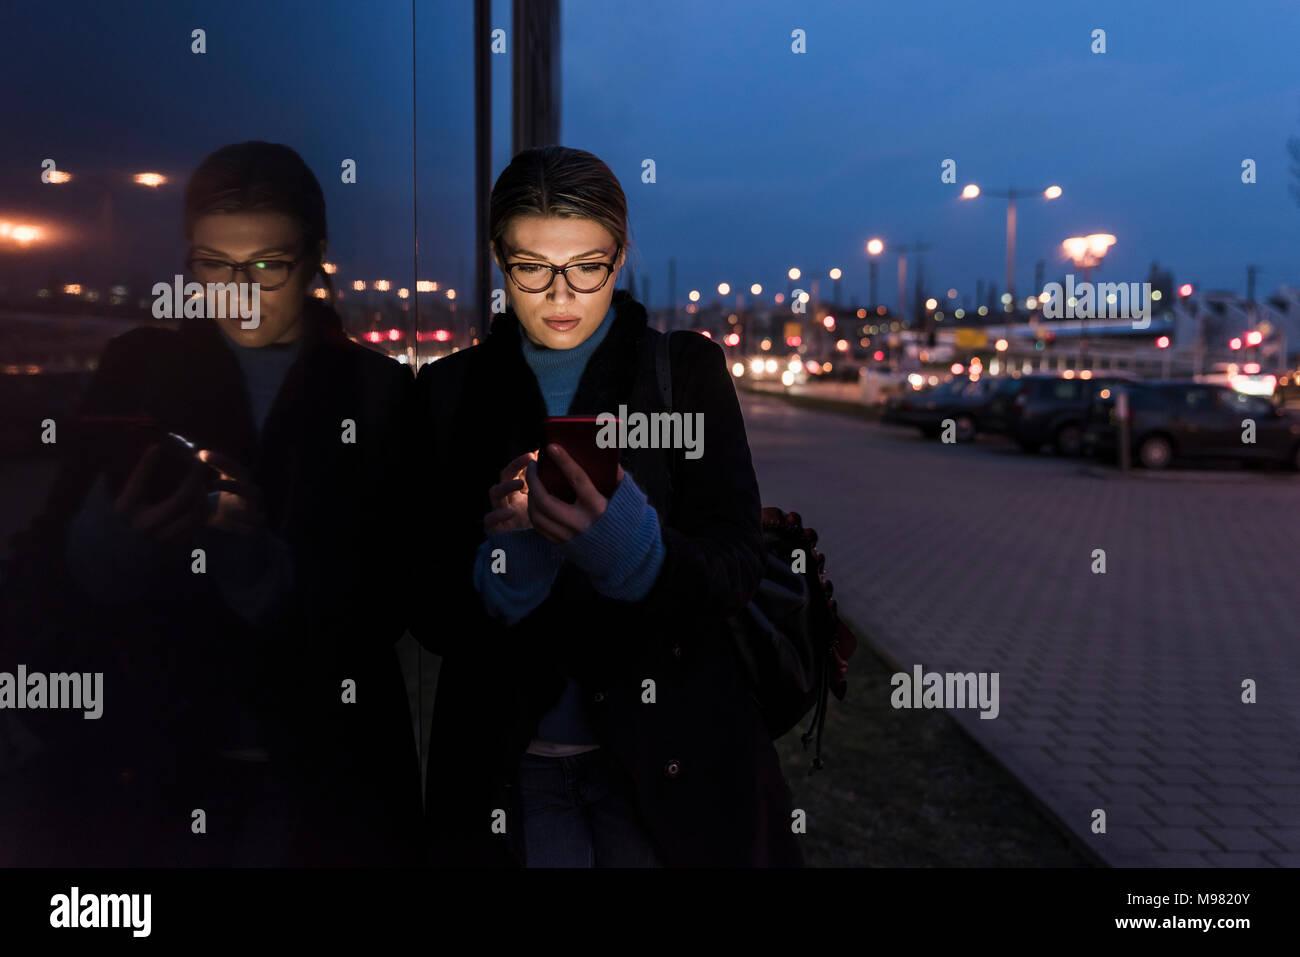 Giovane donna appoggiata contro la parte anteriore in vetro di notte tramite telefono cellulare Immagini Stock